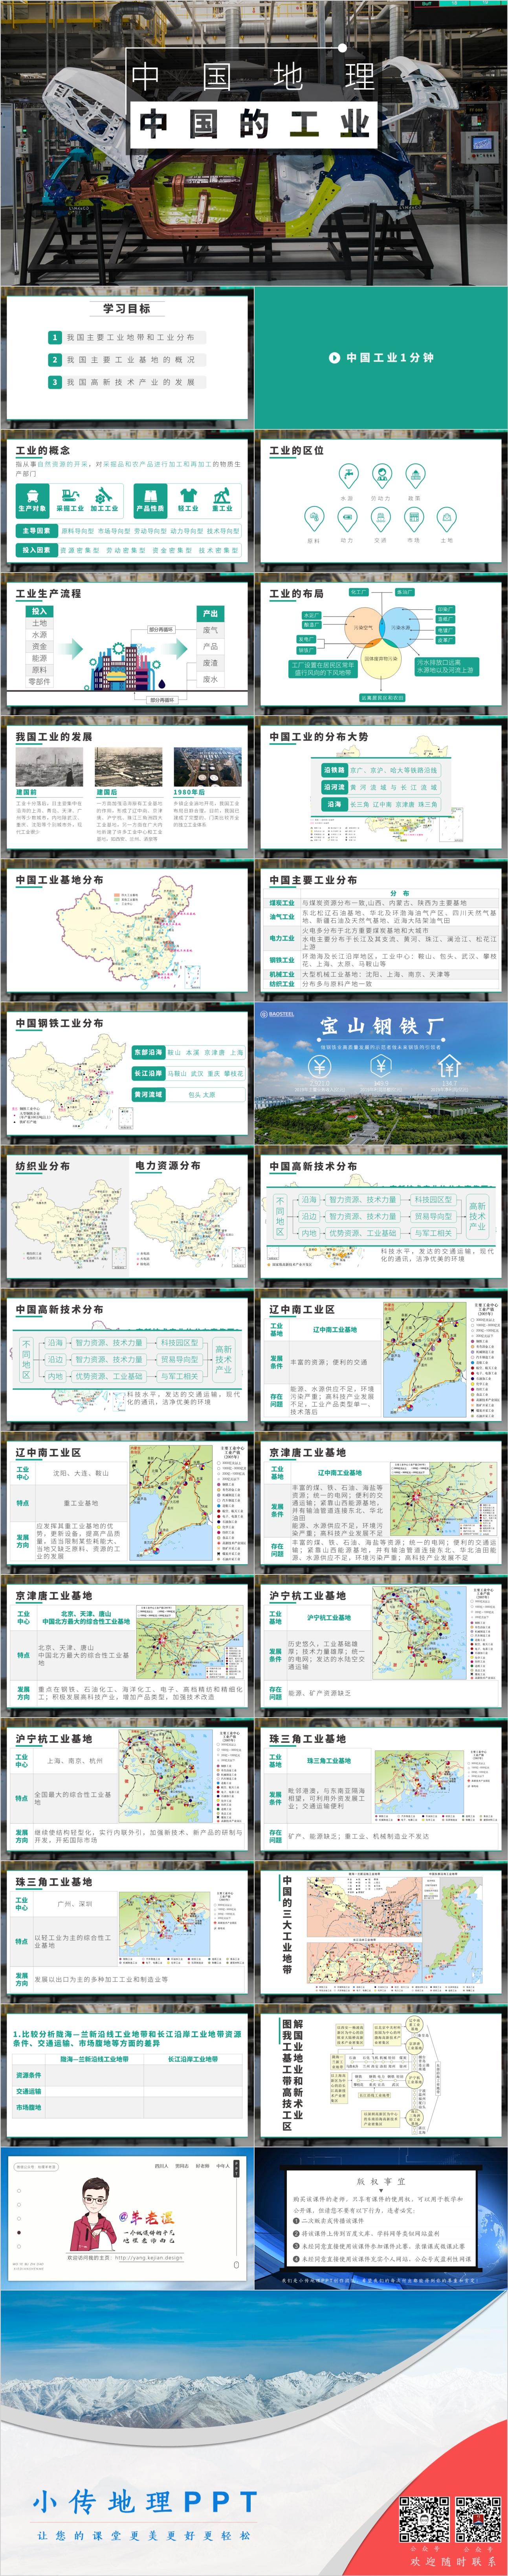 中国的工aa业.jpg